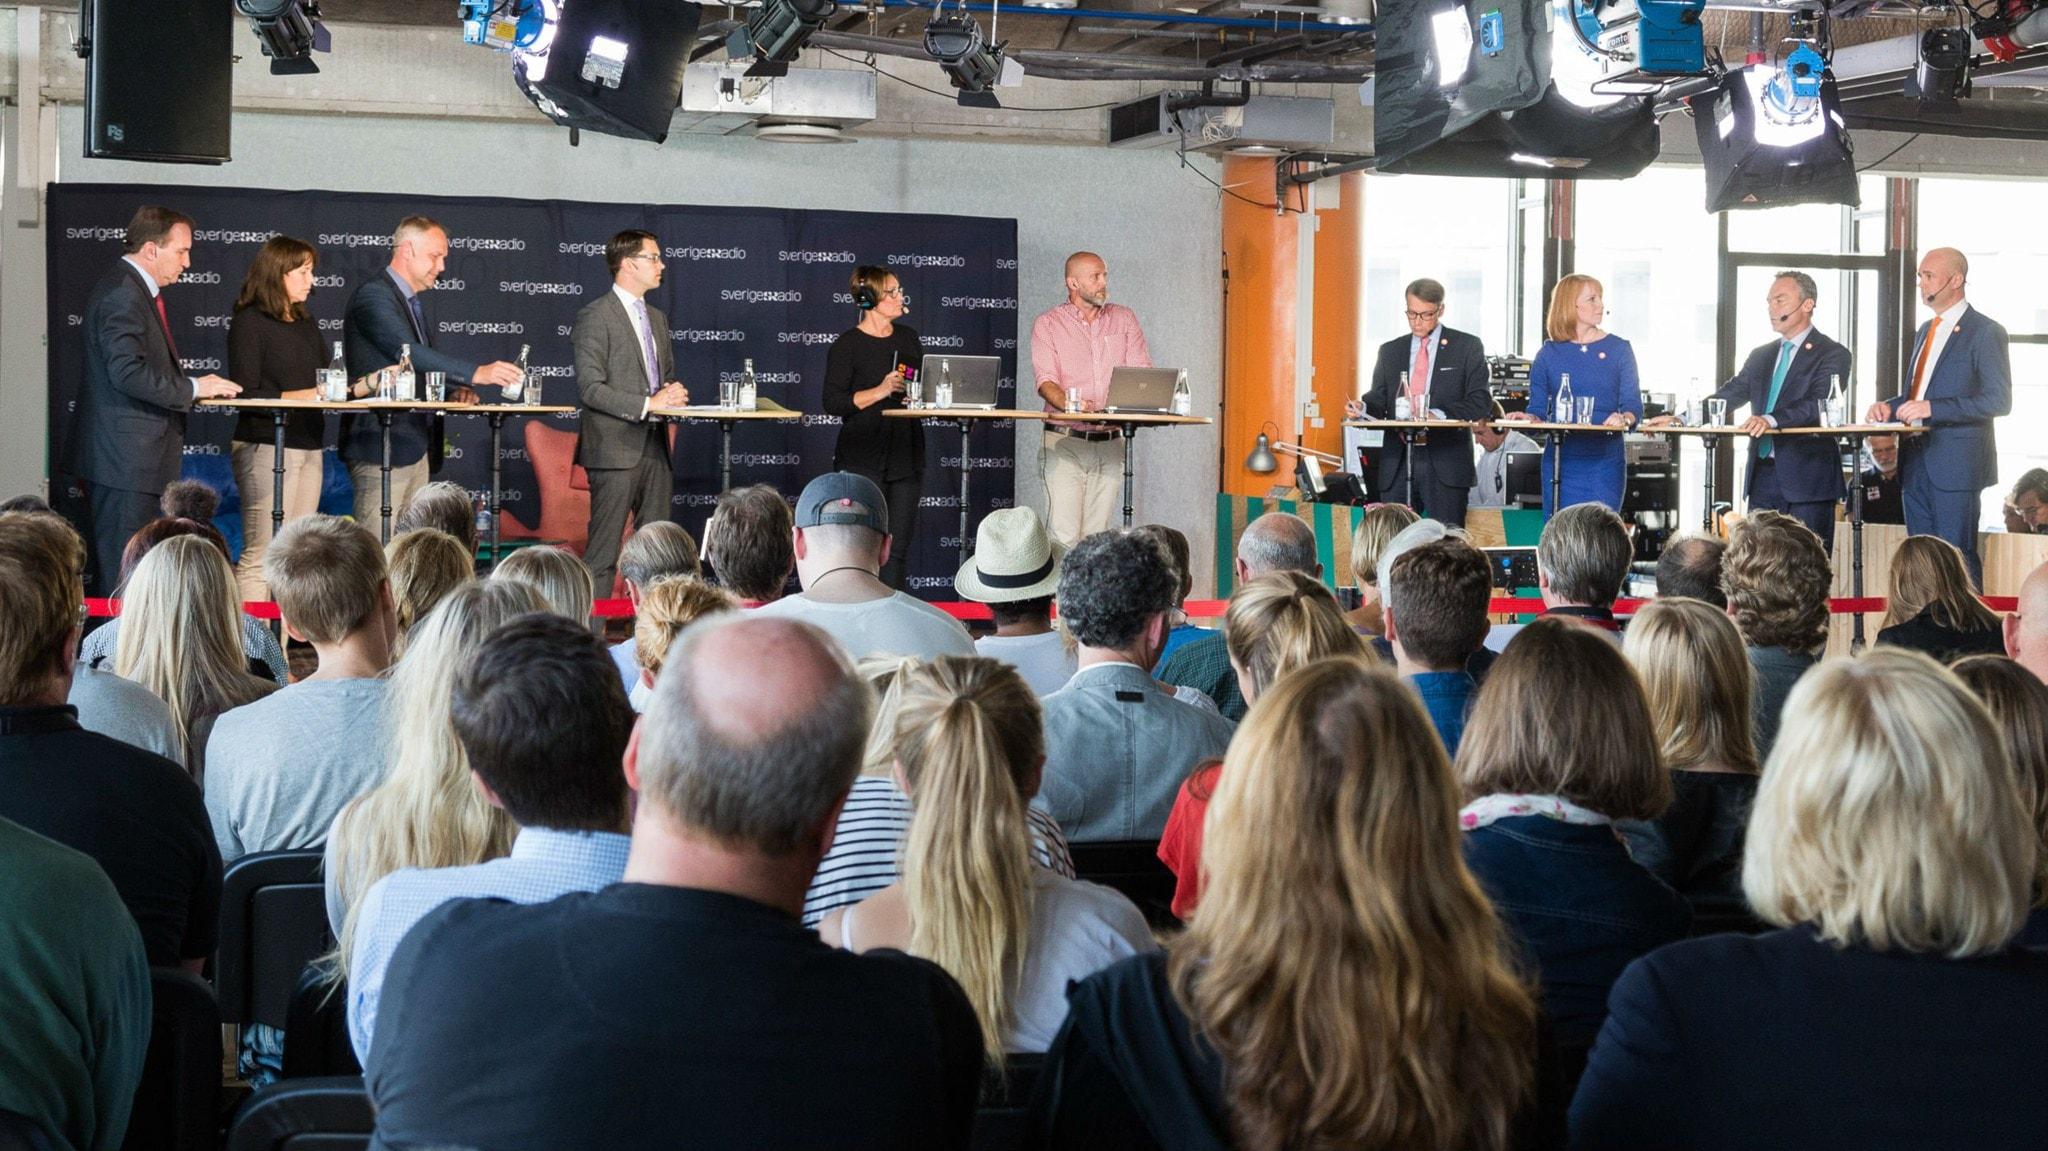 Partiledardebatt i P1 direkt från Kulturhuset